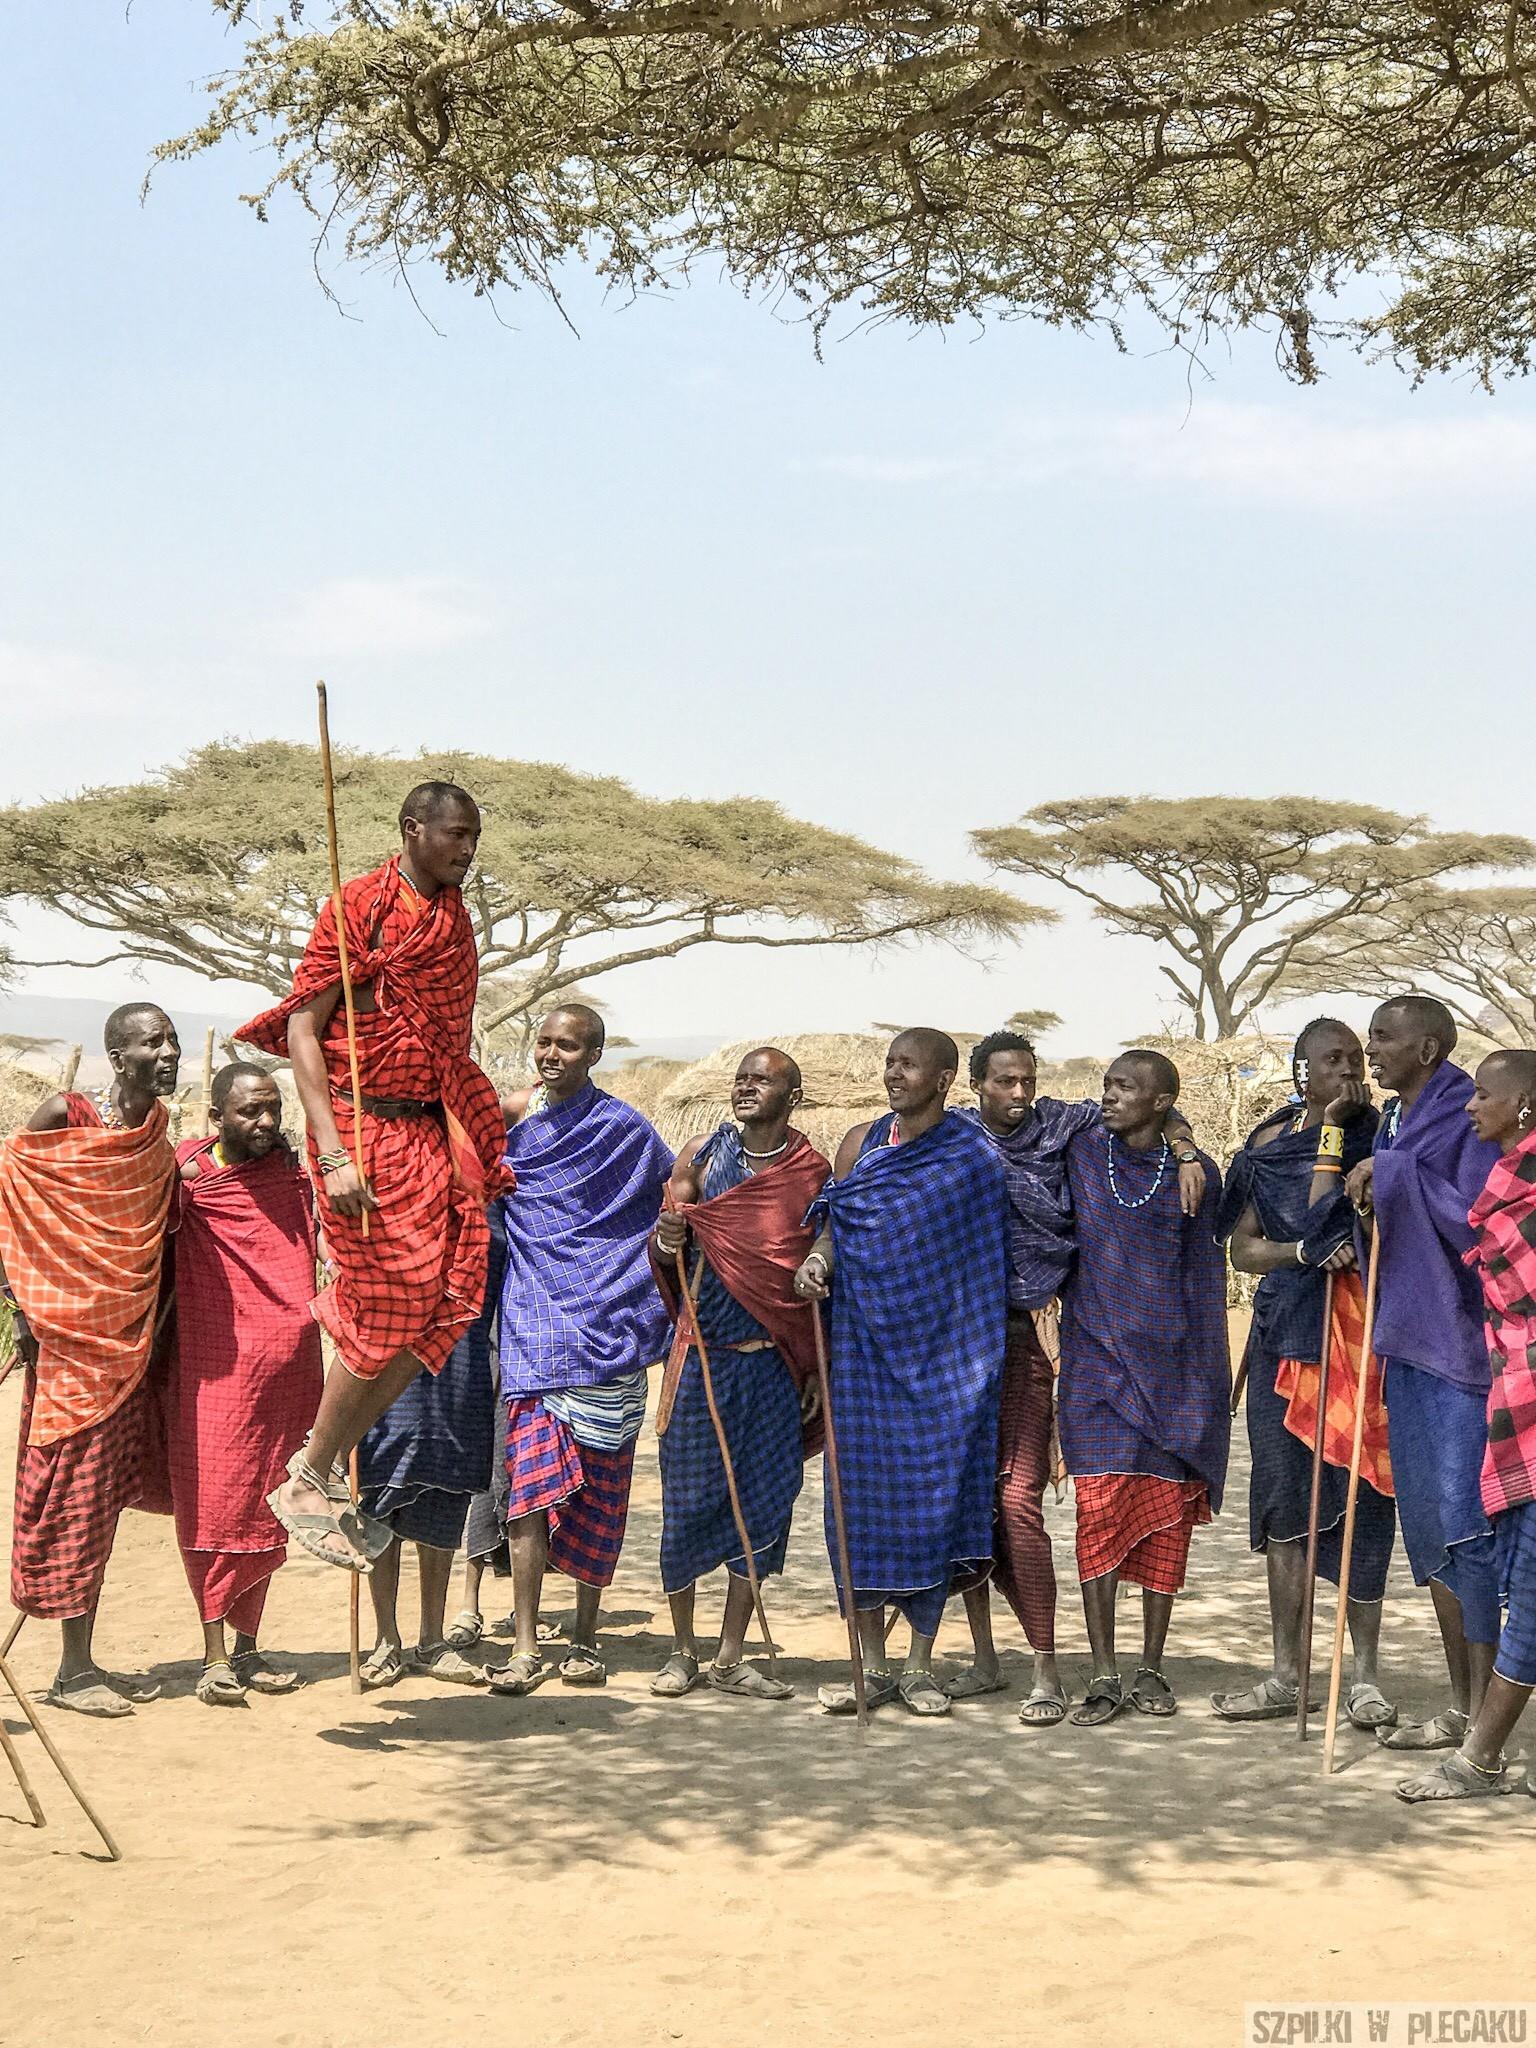 Masajowie – wojowniczy lud Afryki